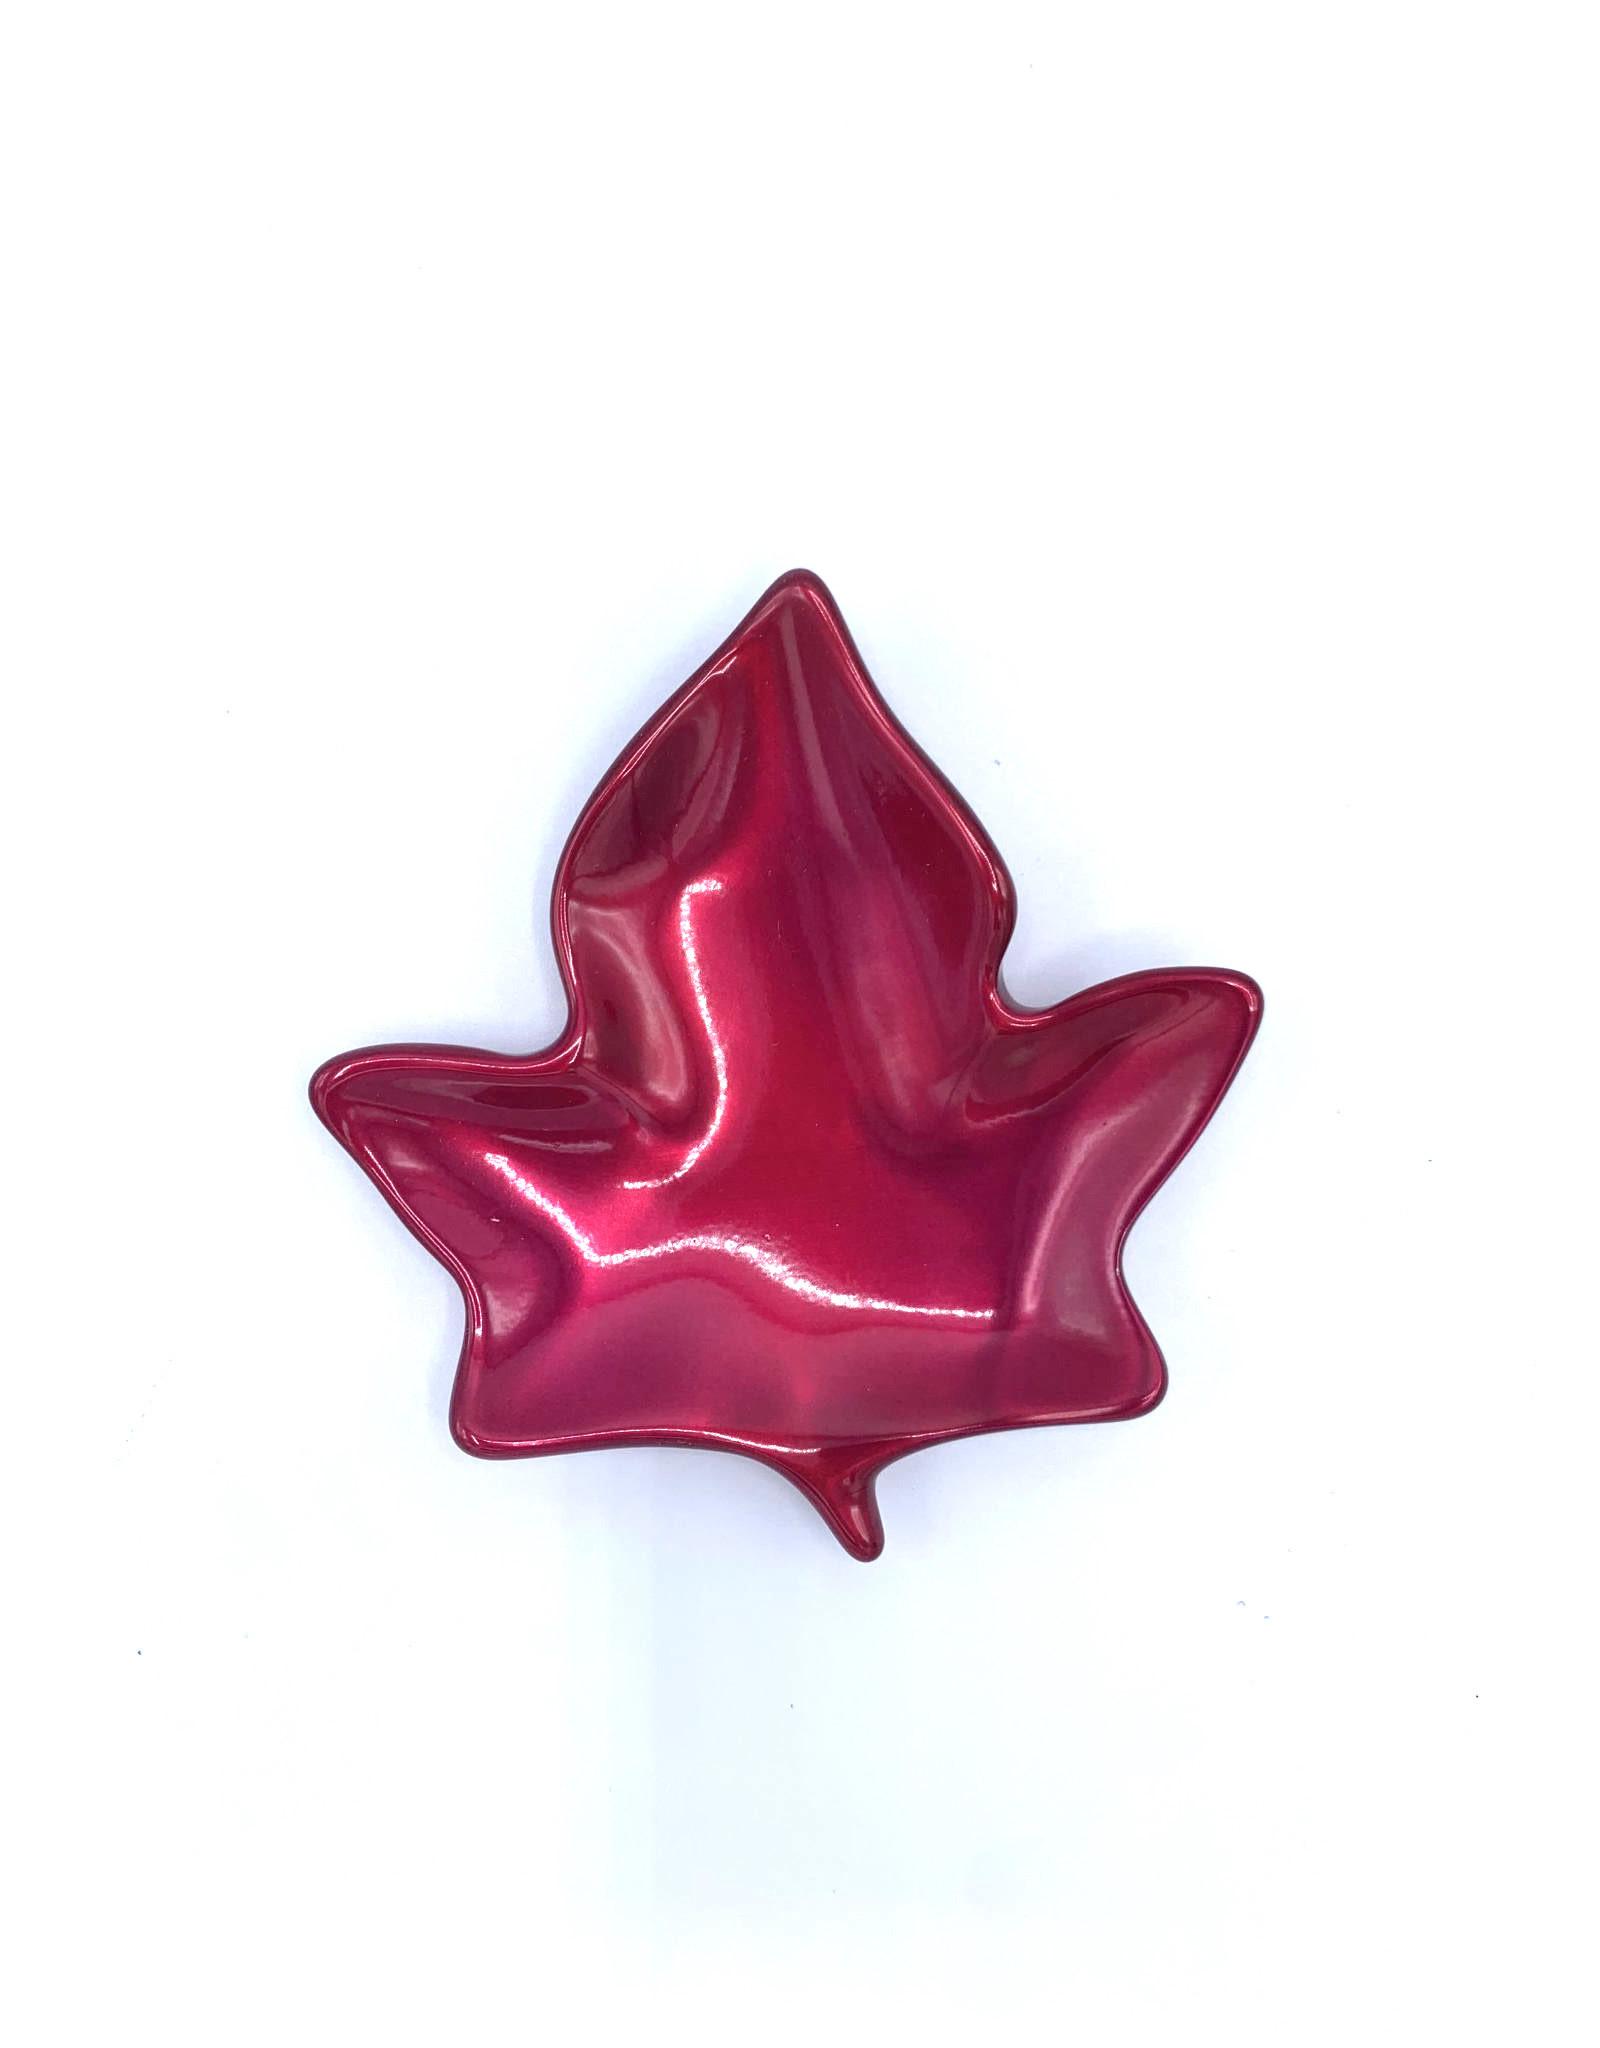 Maple Leaf Dish (Powder Red) - 2620